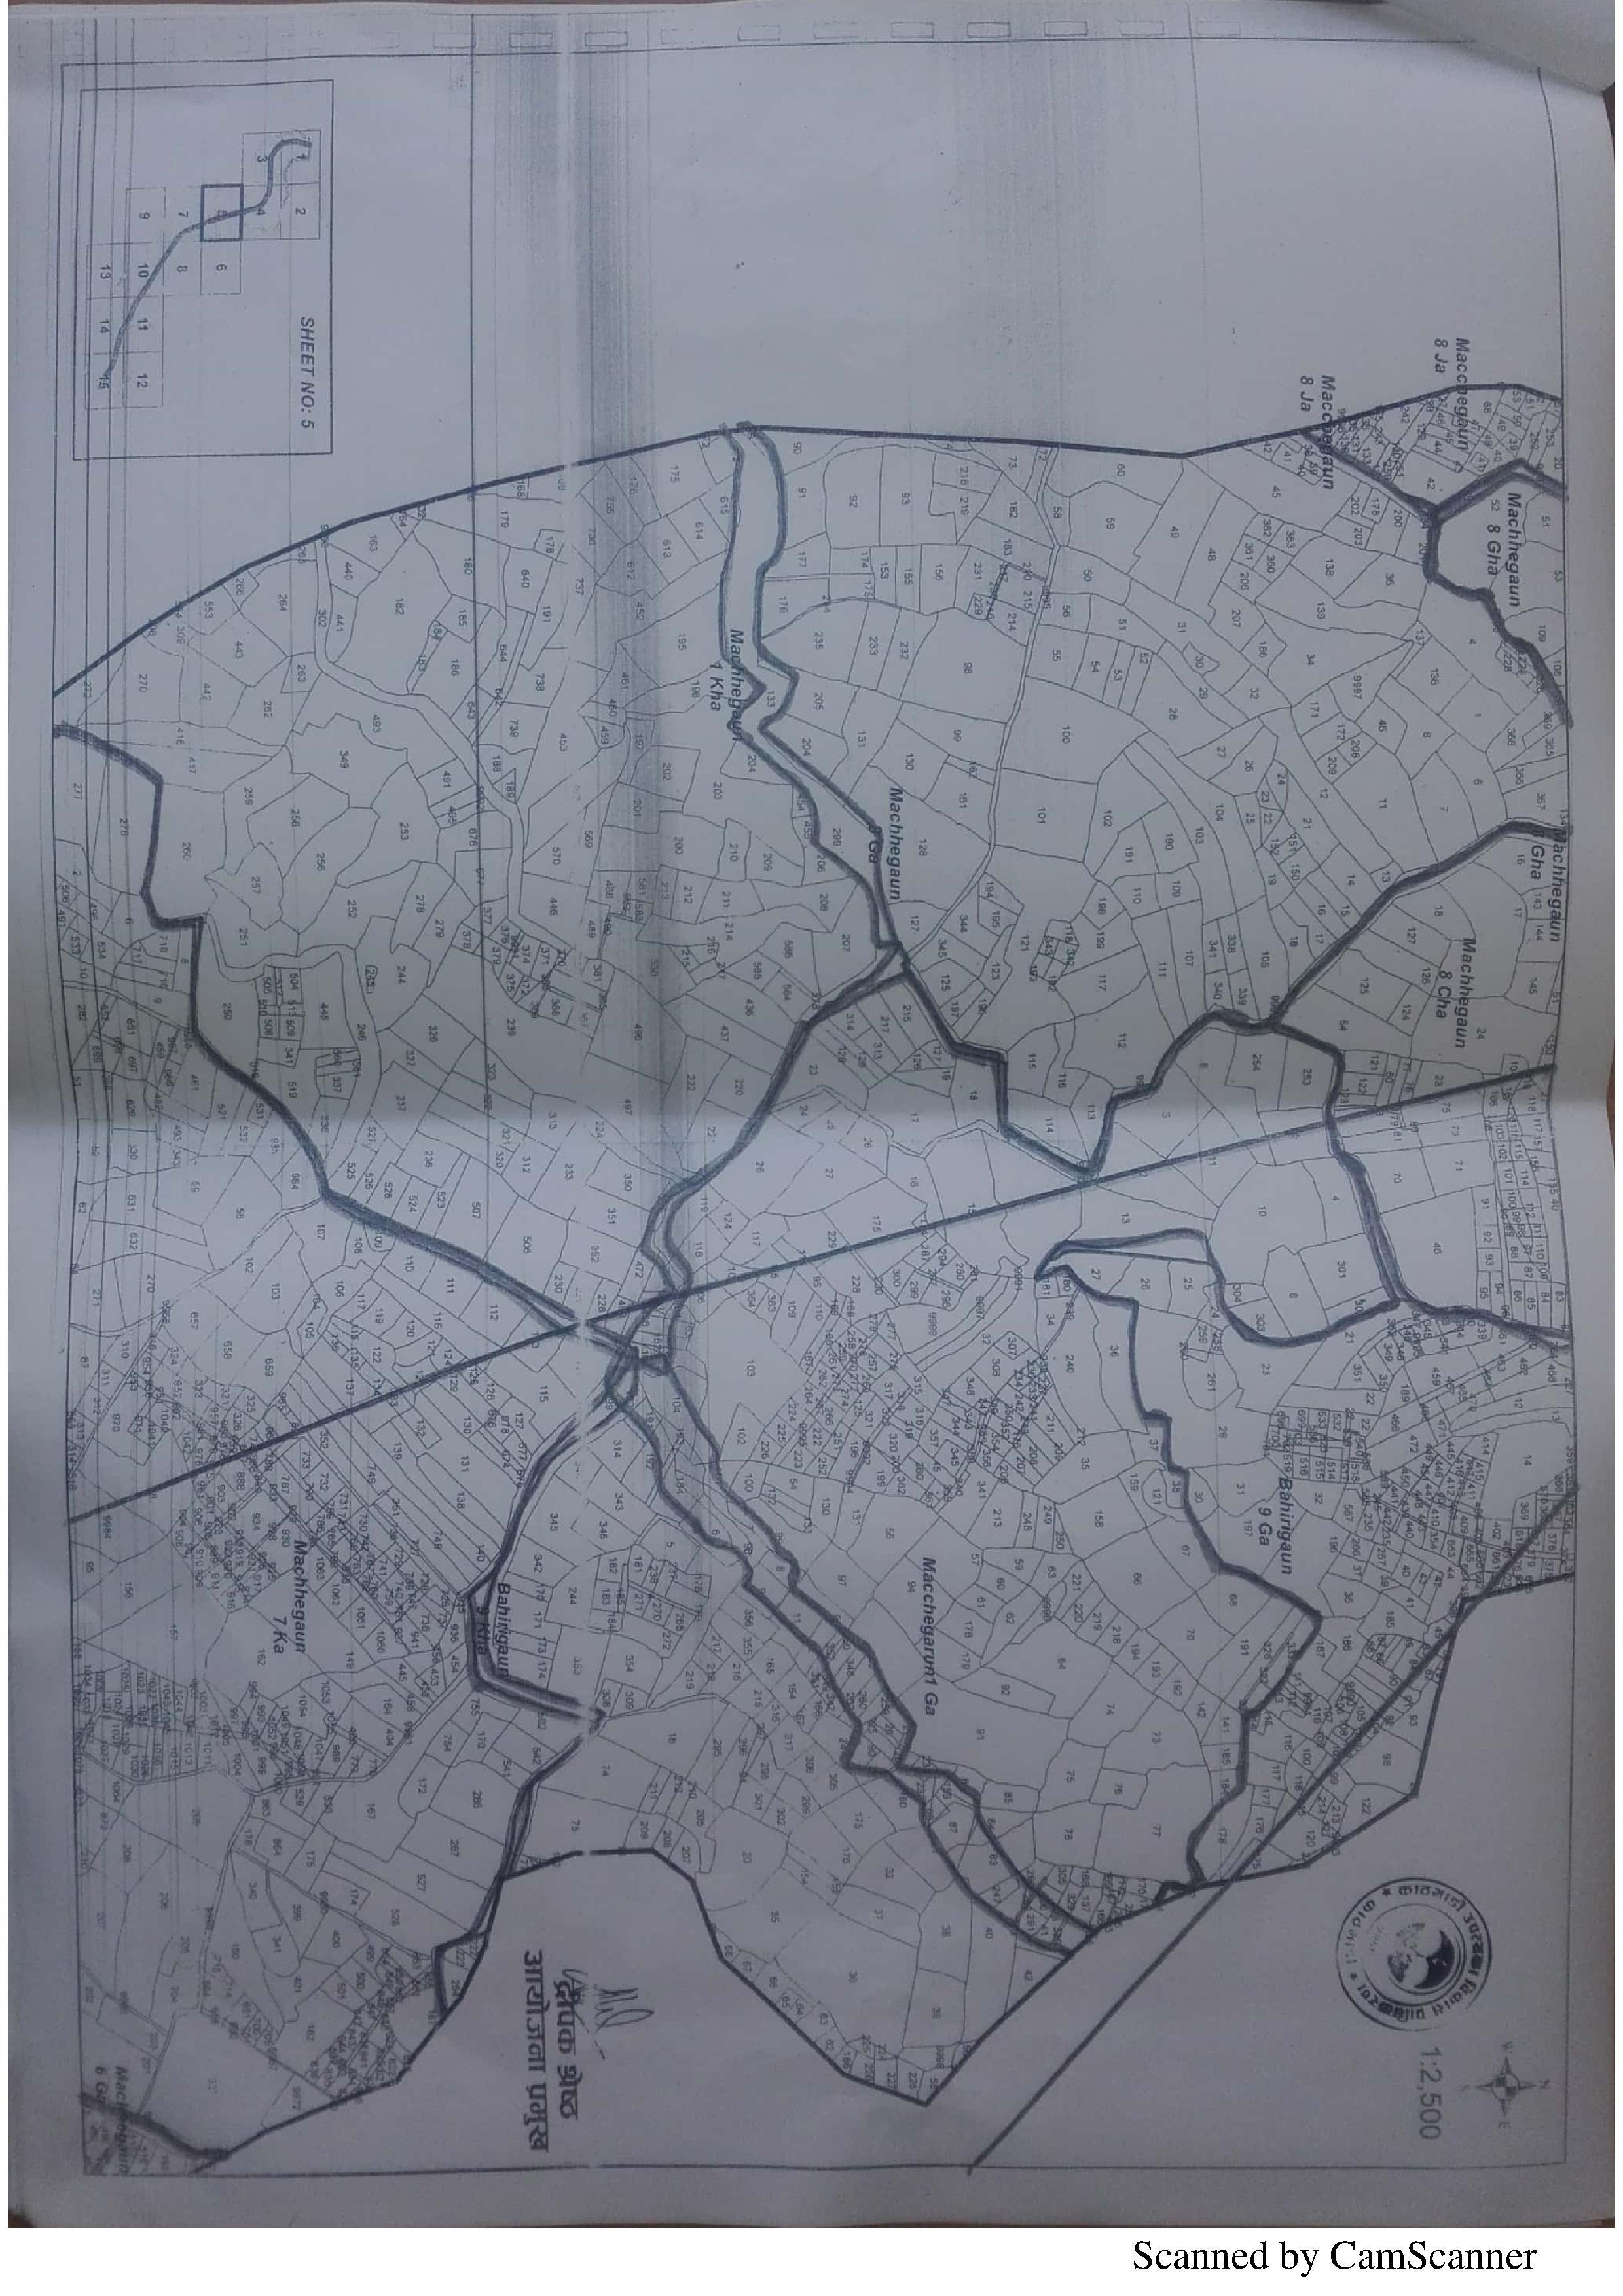 Chandragirinews outer-ring-road-5 बाहिरी चक्रपथको डि.पि.आर. (कित्ता न. सहित) तीनथाना दहचोक नगरपालिका नैकाप नयाँ भन्ज्यांग नैकाप पुरानो भन्ज्यांग बोसिंगाउँ ब्रेकिंग न्युज मछेगाउँ मातातिर्थ मुख्य राष्ट्रिय सतुंगल    chandragiri